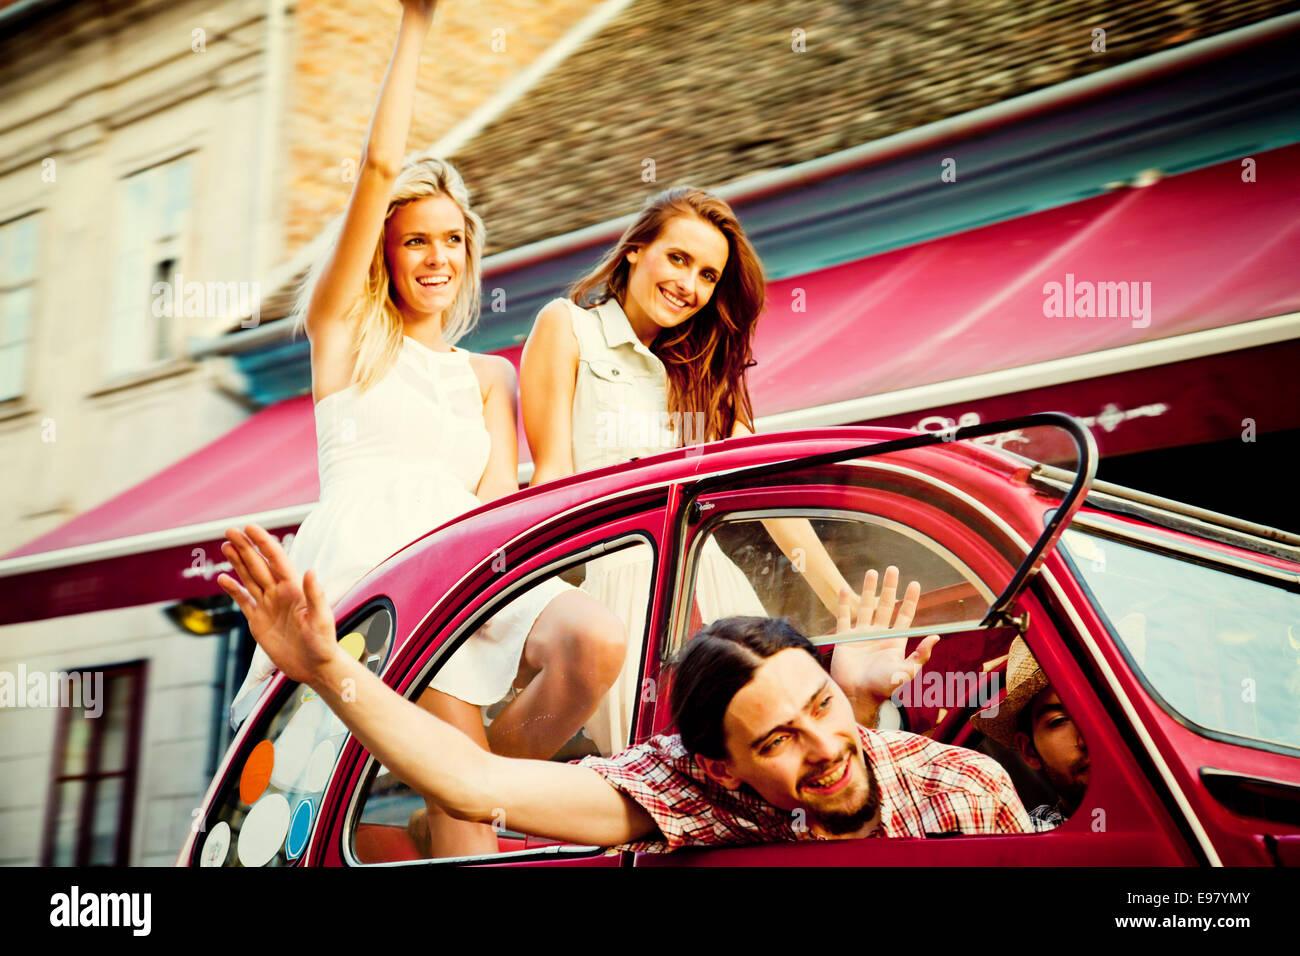 Los jóvenes en la conducción de coches de época saludando alegremente Imagen De Stock